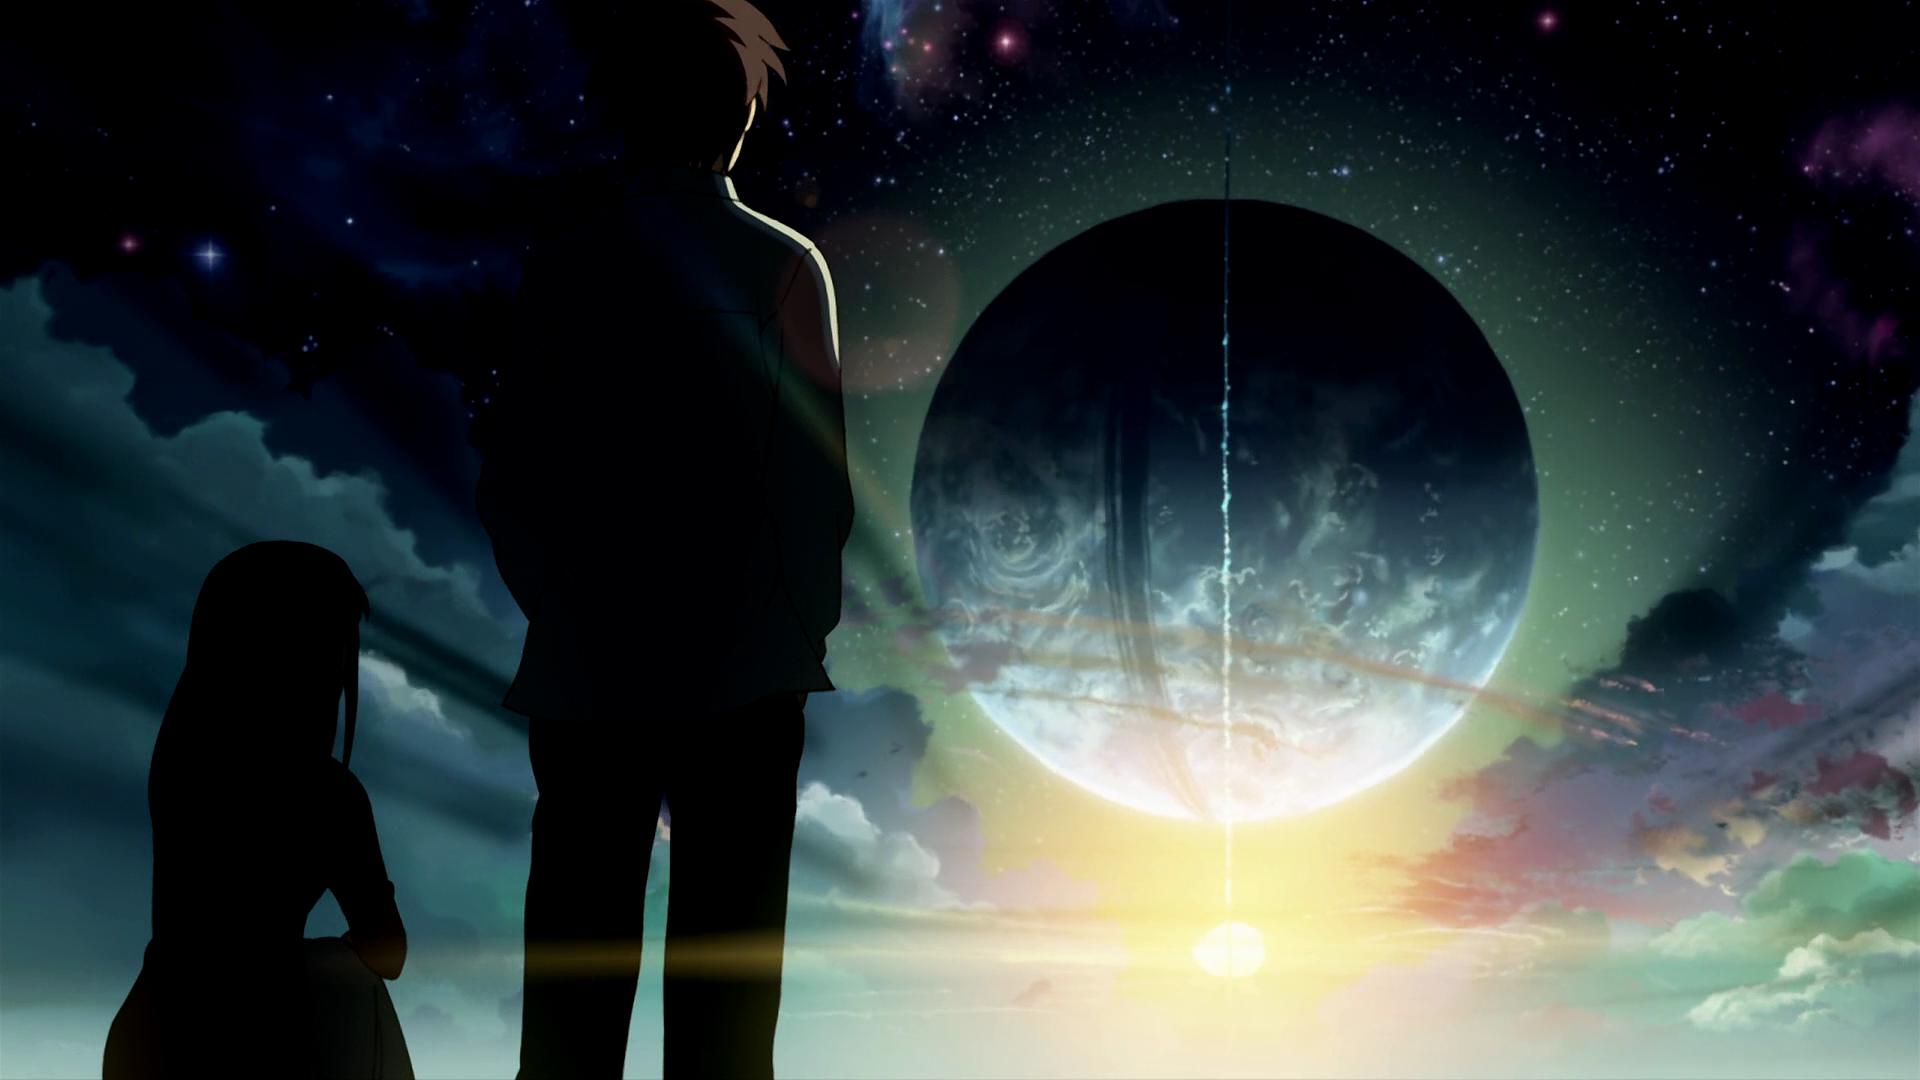 Makoto Shinkai 5 Centimeters Per Second